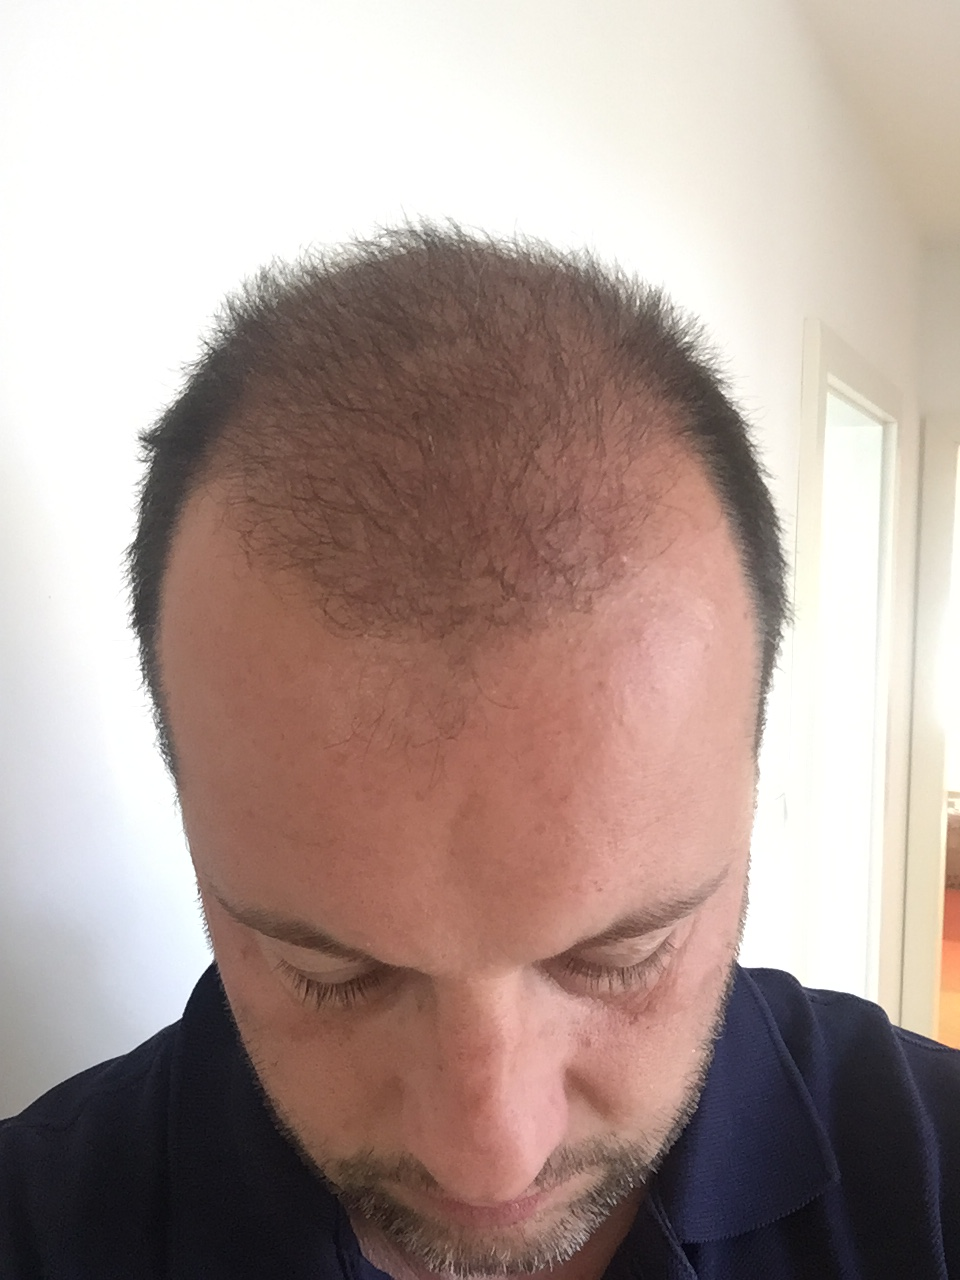 30.03.2016: wieder eine deuliche Verbesserung der Haardichte ersichtlich!